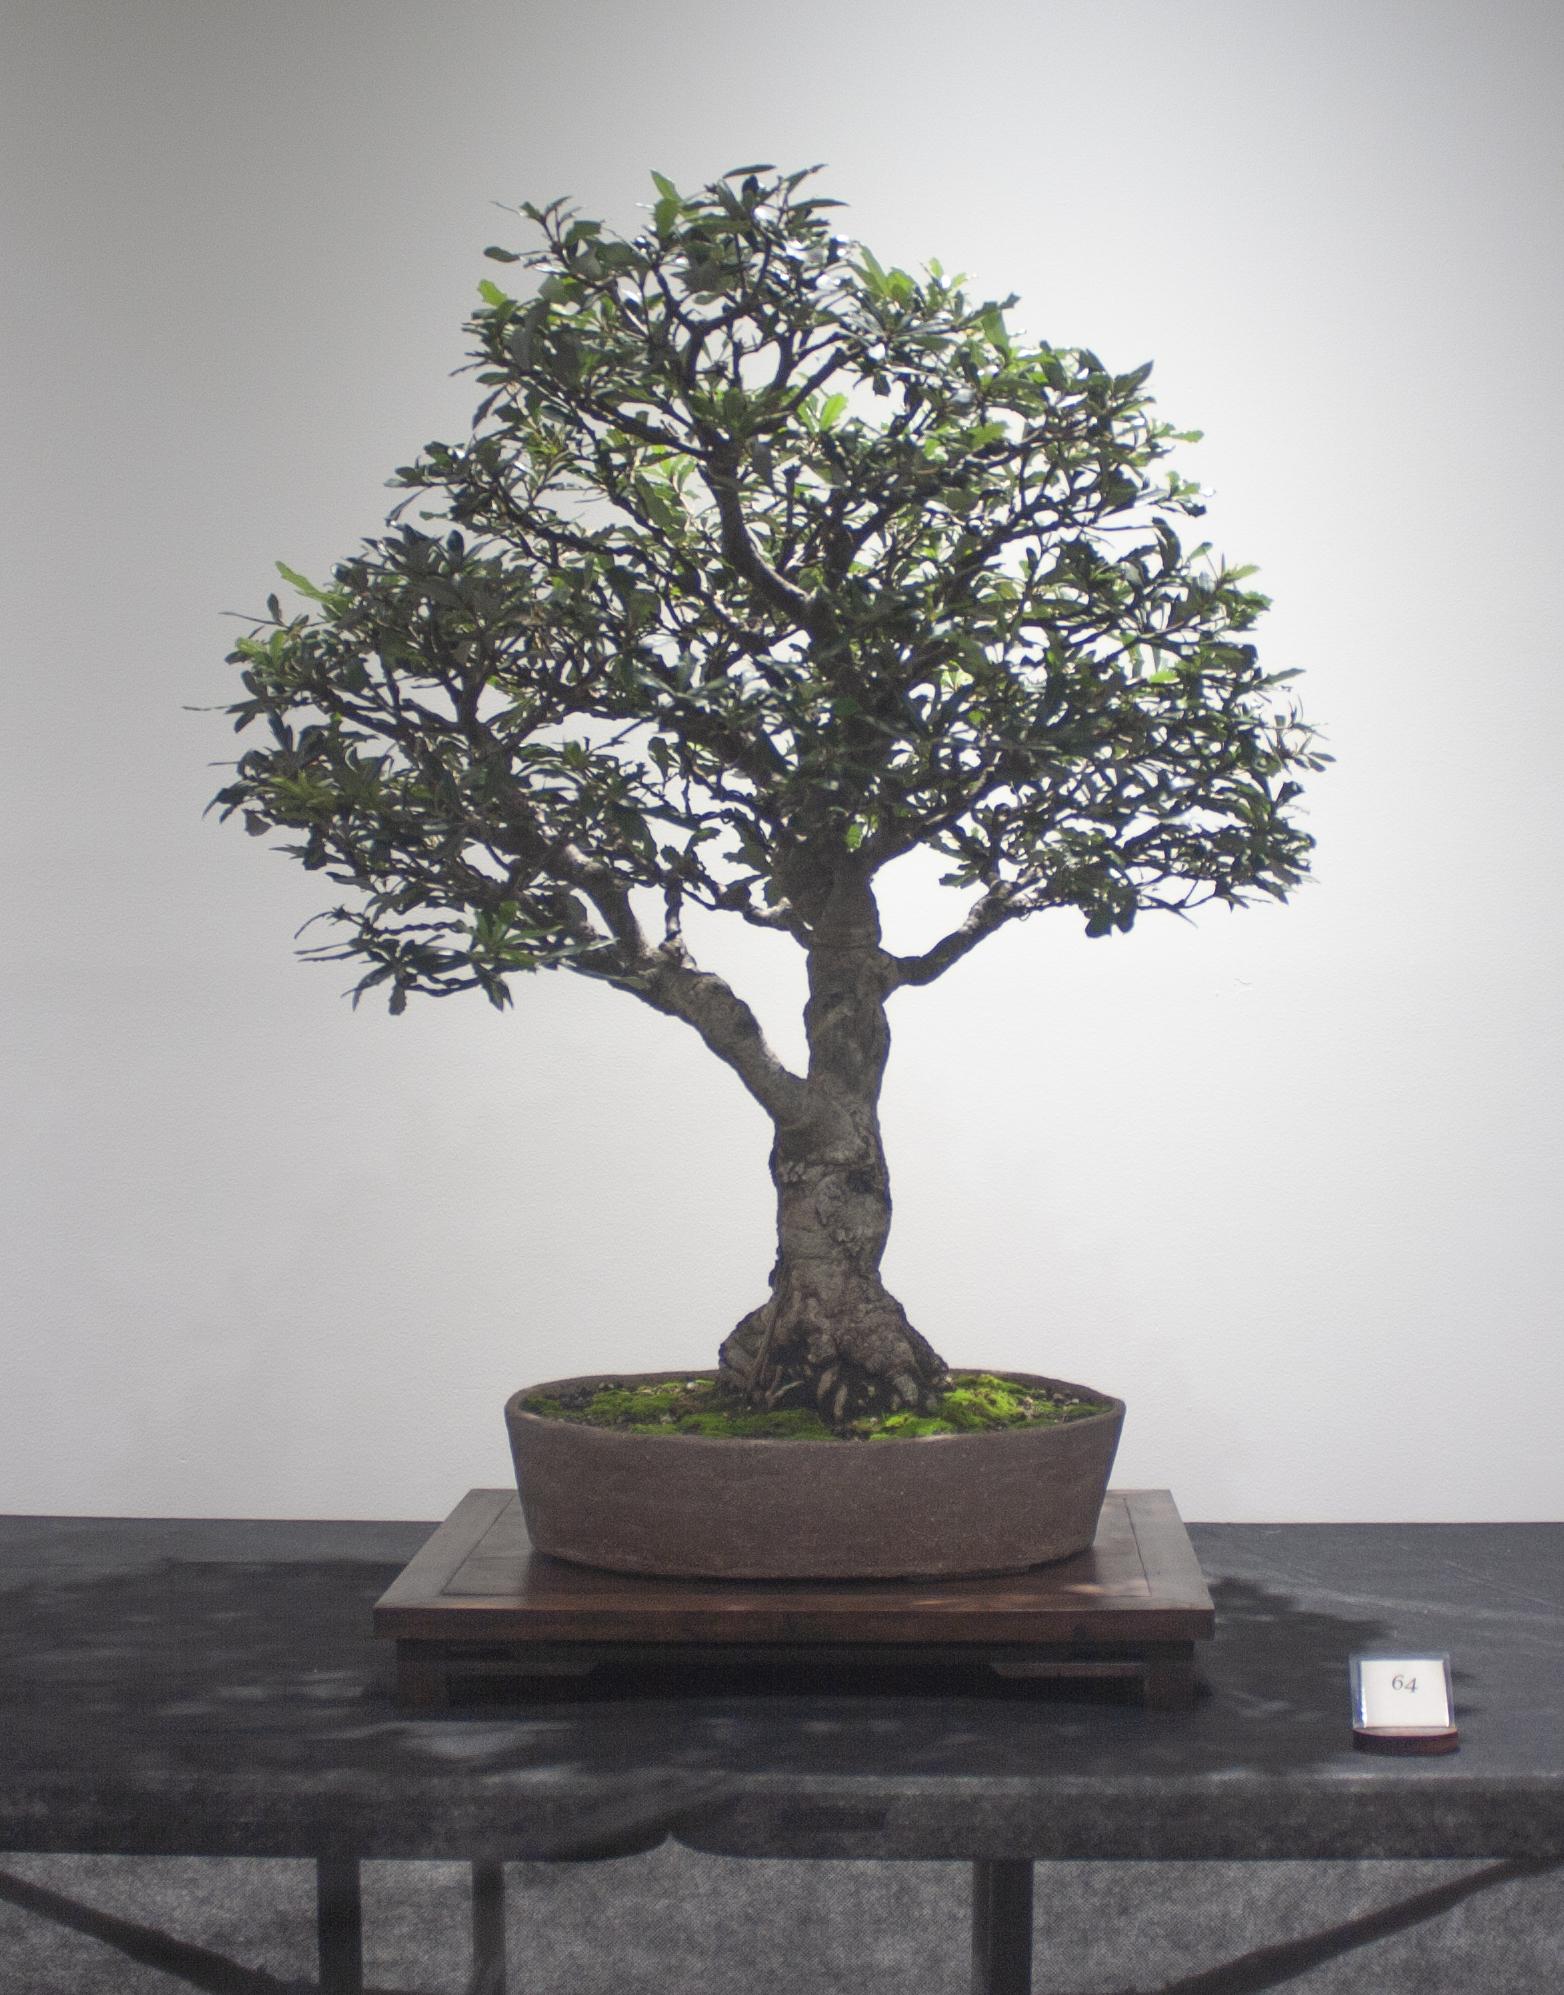 64 Banksia integrifolia, Coast banksia